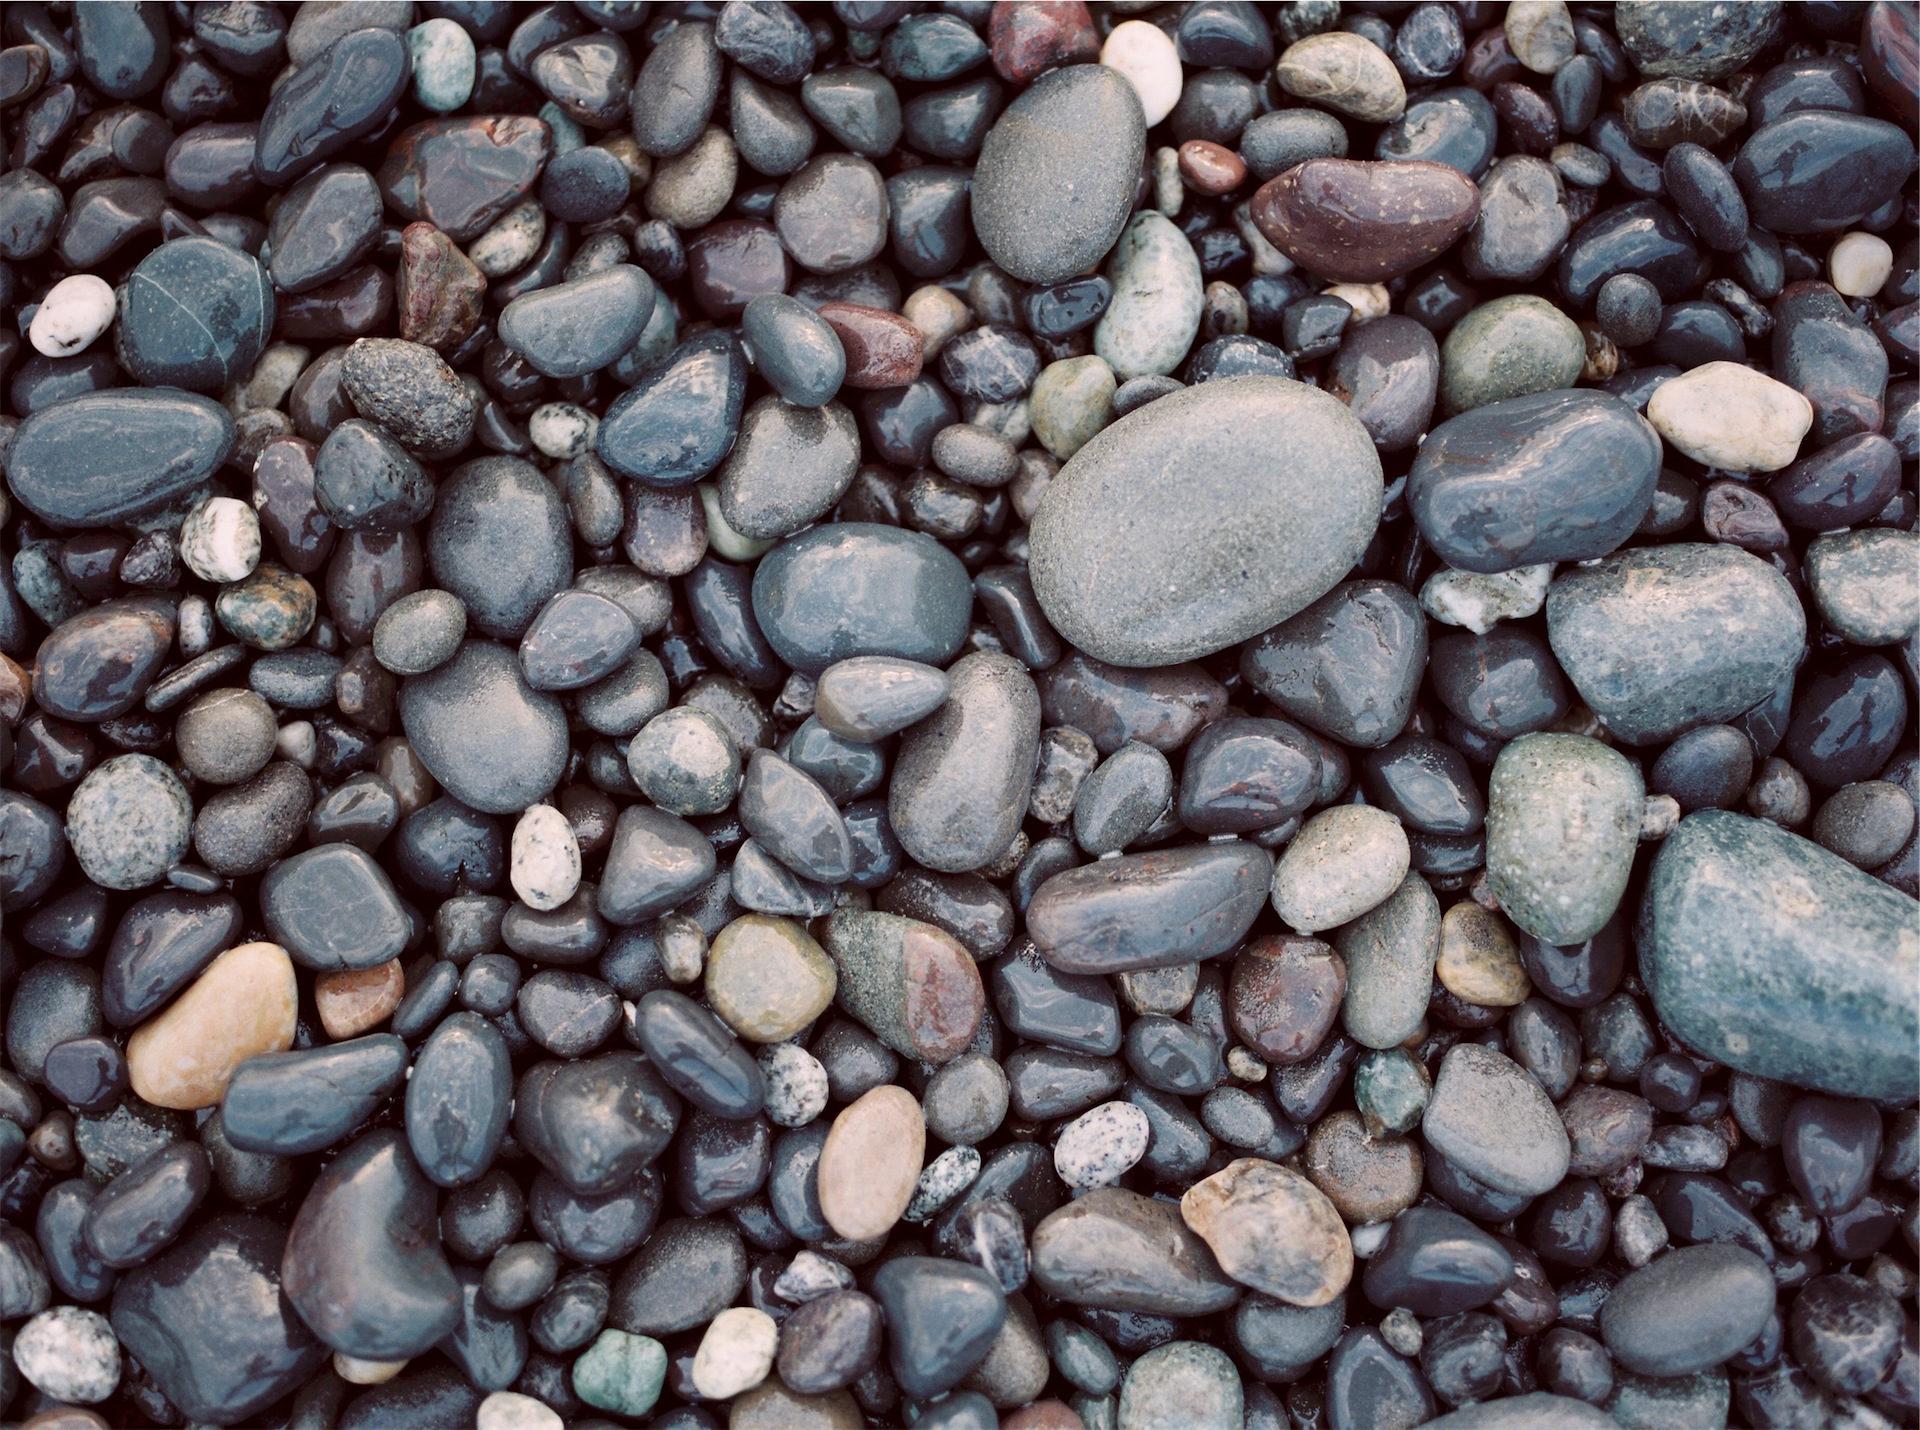 pierres, Plage, eau, chaos, Formes - Fonds d'écran HD - Professor-falken.com